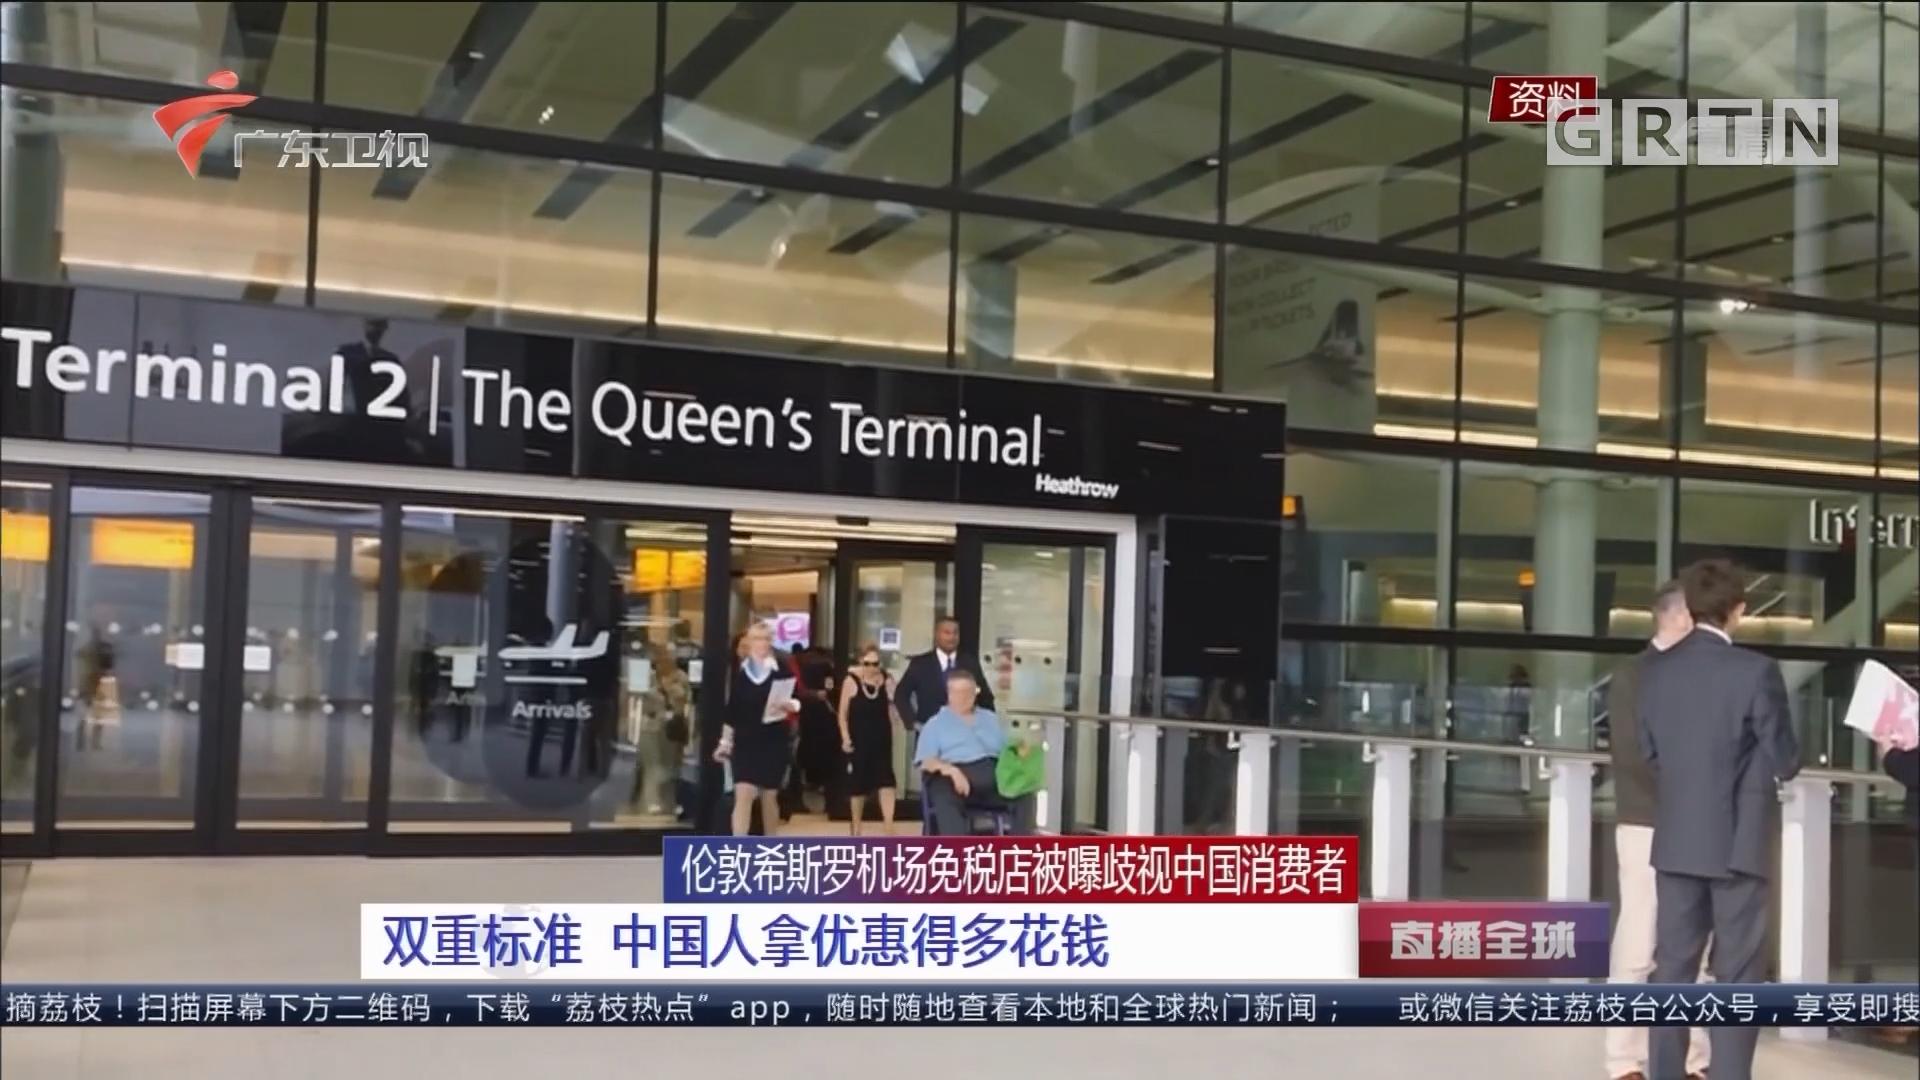 伦敦希斯罗机场免税店被曝歧视中国消费者:双重标准 中国人拿优惠得多花钱